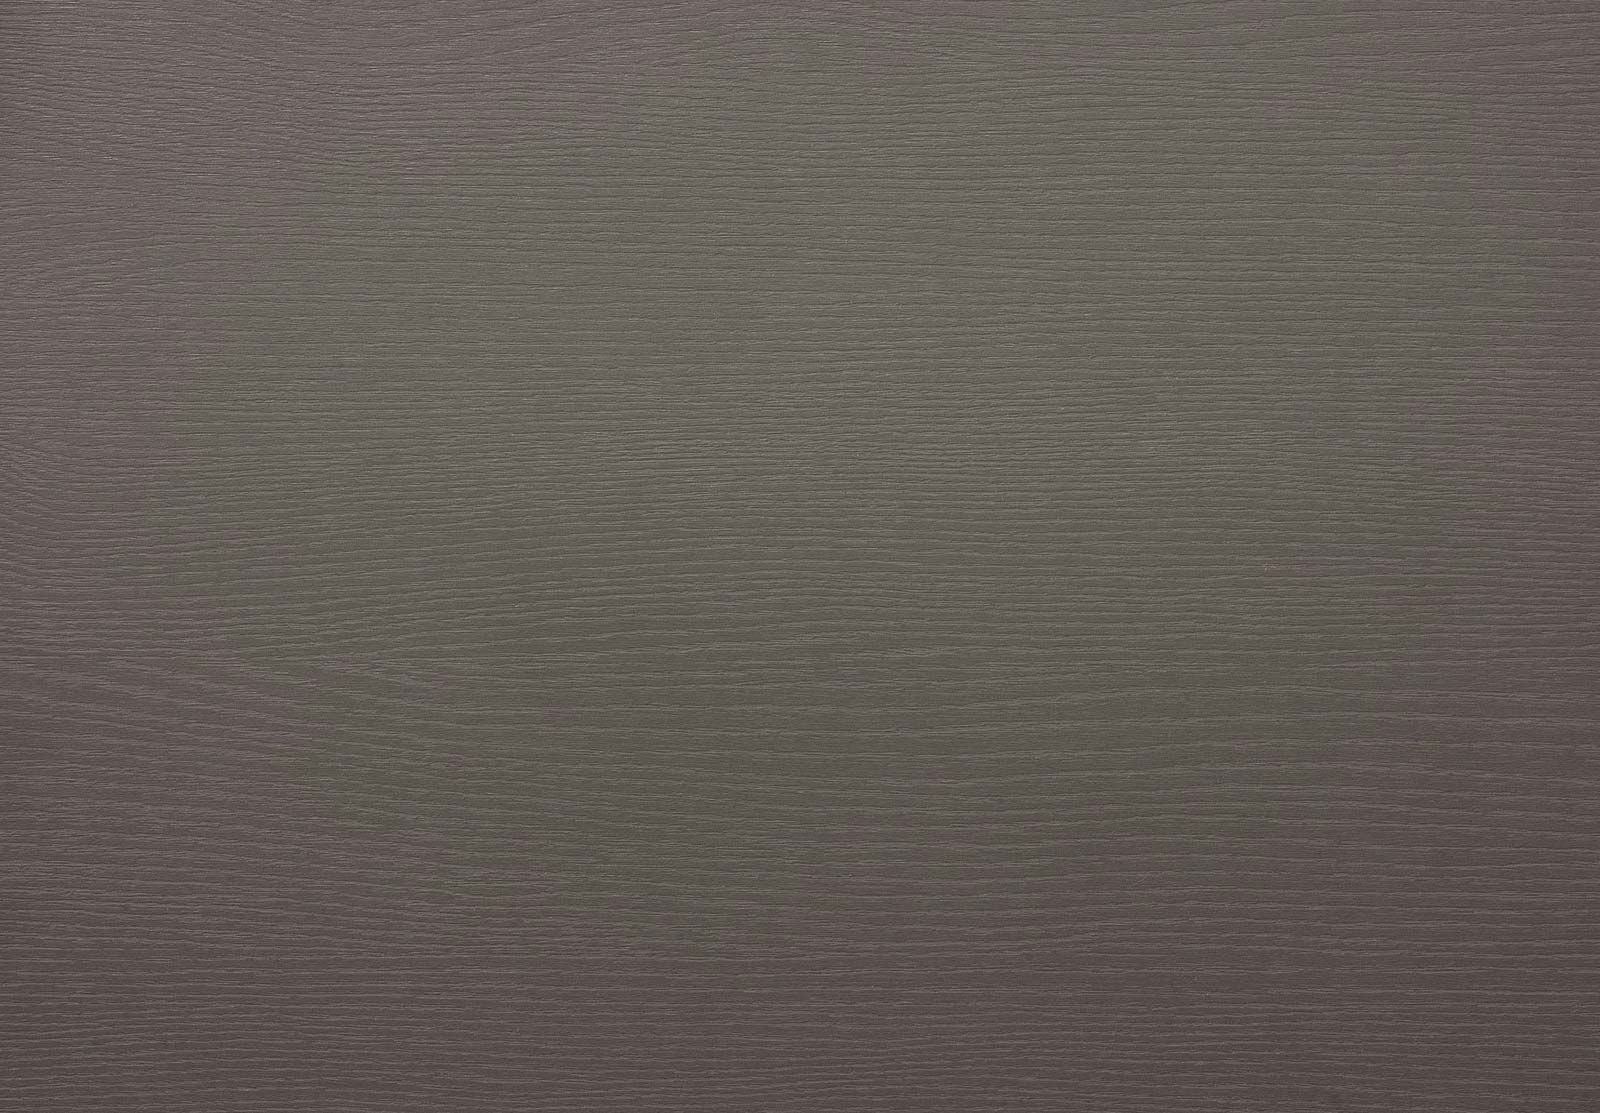 Pannelli alfawood - Graphite 0074